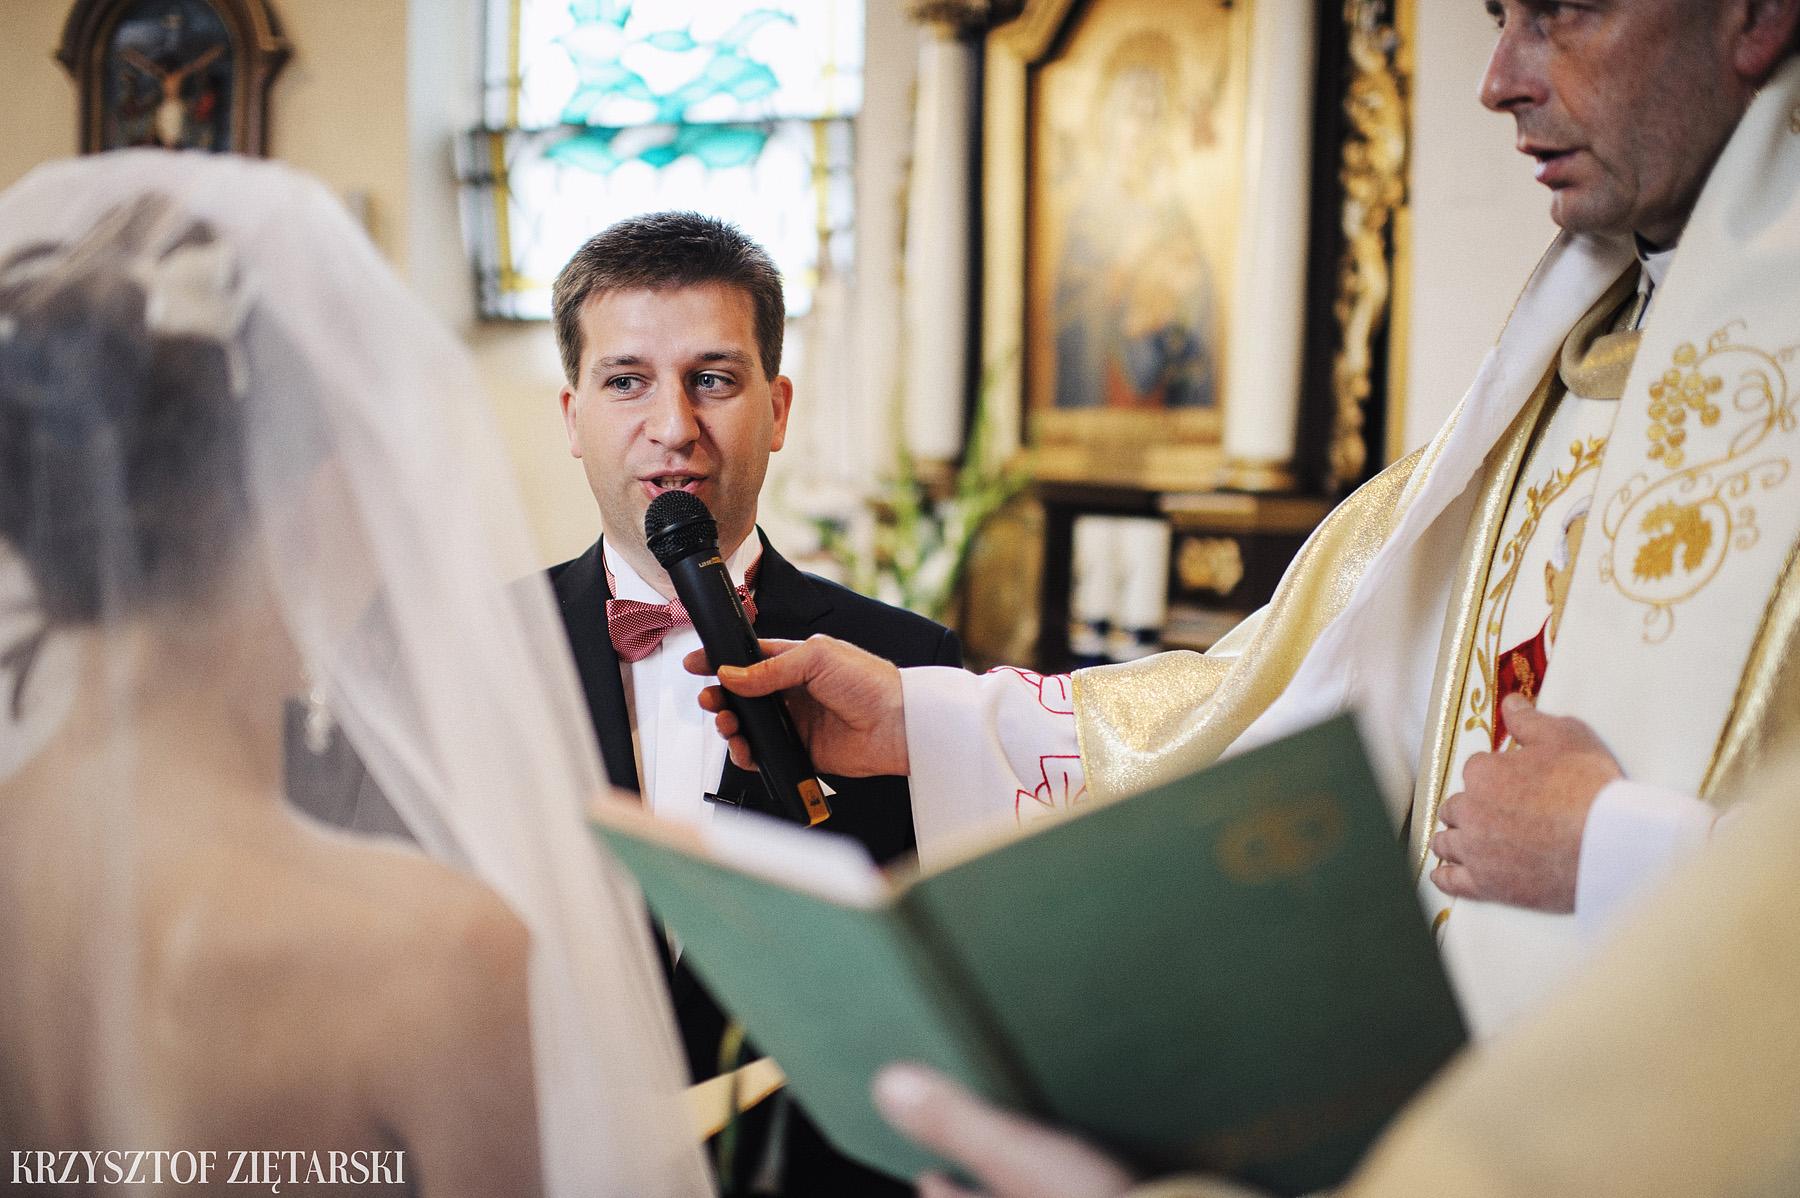 Karolina i Jacek - Fotografia ślubna Gdańsk, Chwaszczyno, Gościniec dla Przyjaciół Wyczechowo Hilary - 11.